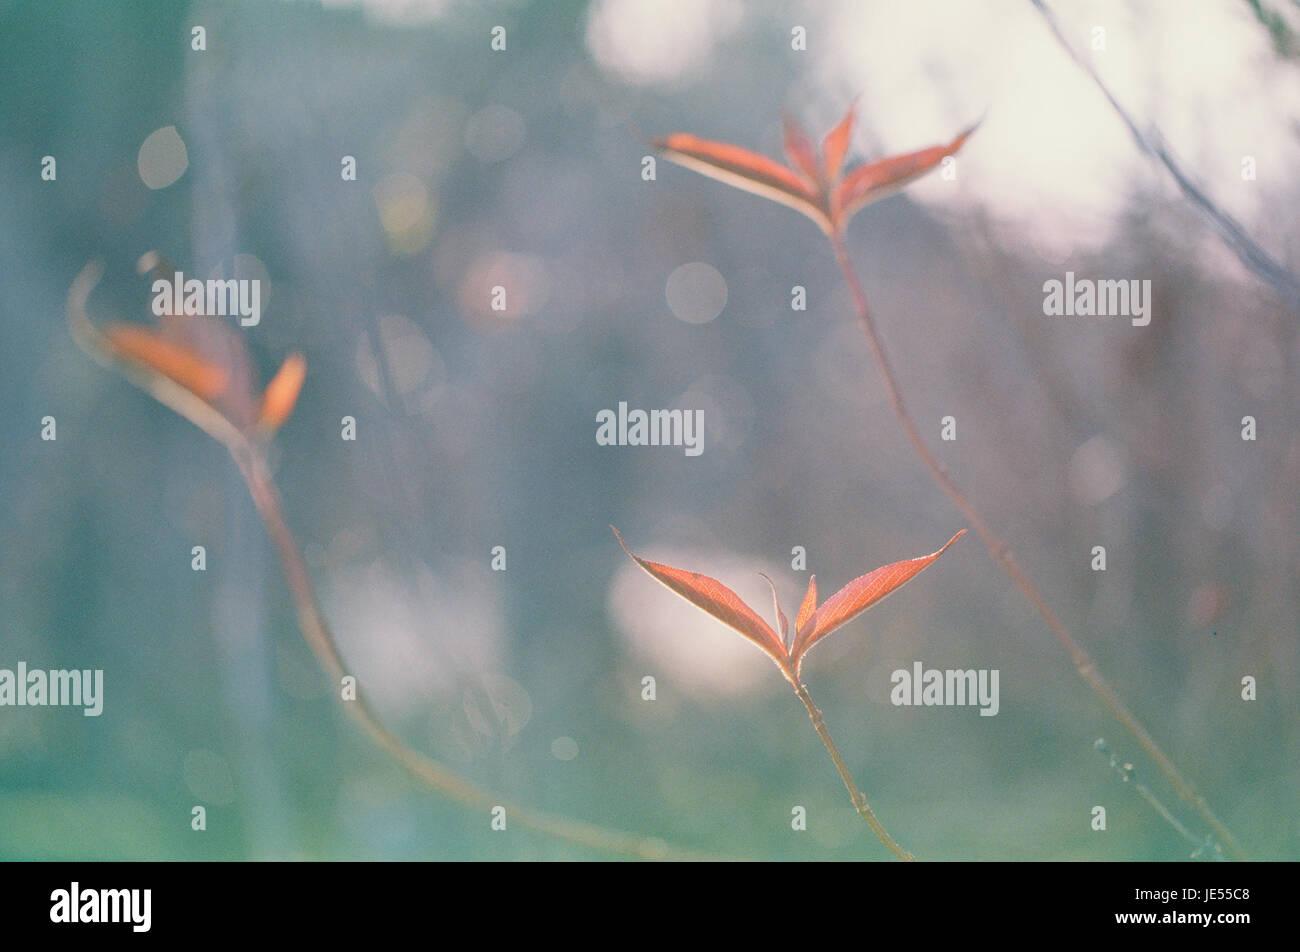 Abgelaufene Film Foto von Herbstlaub Stockbild